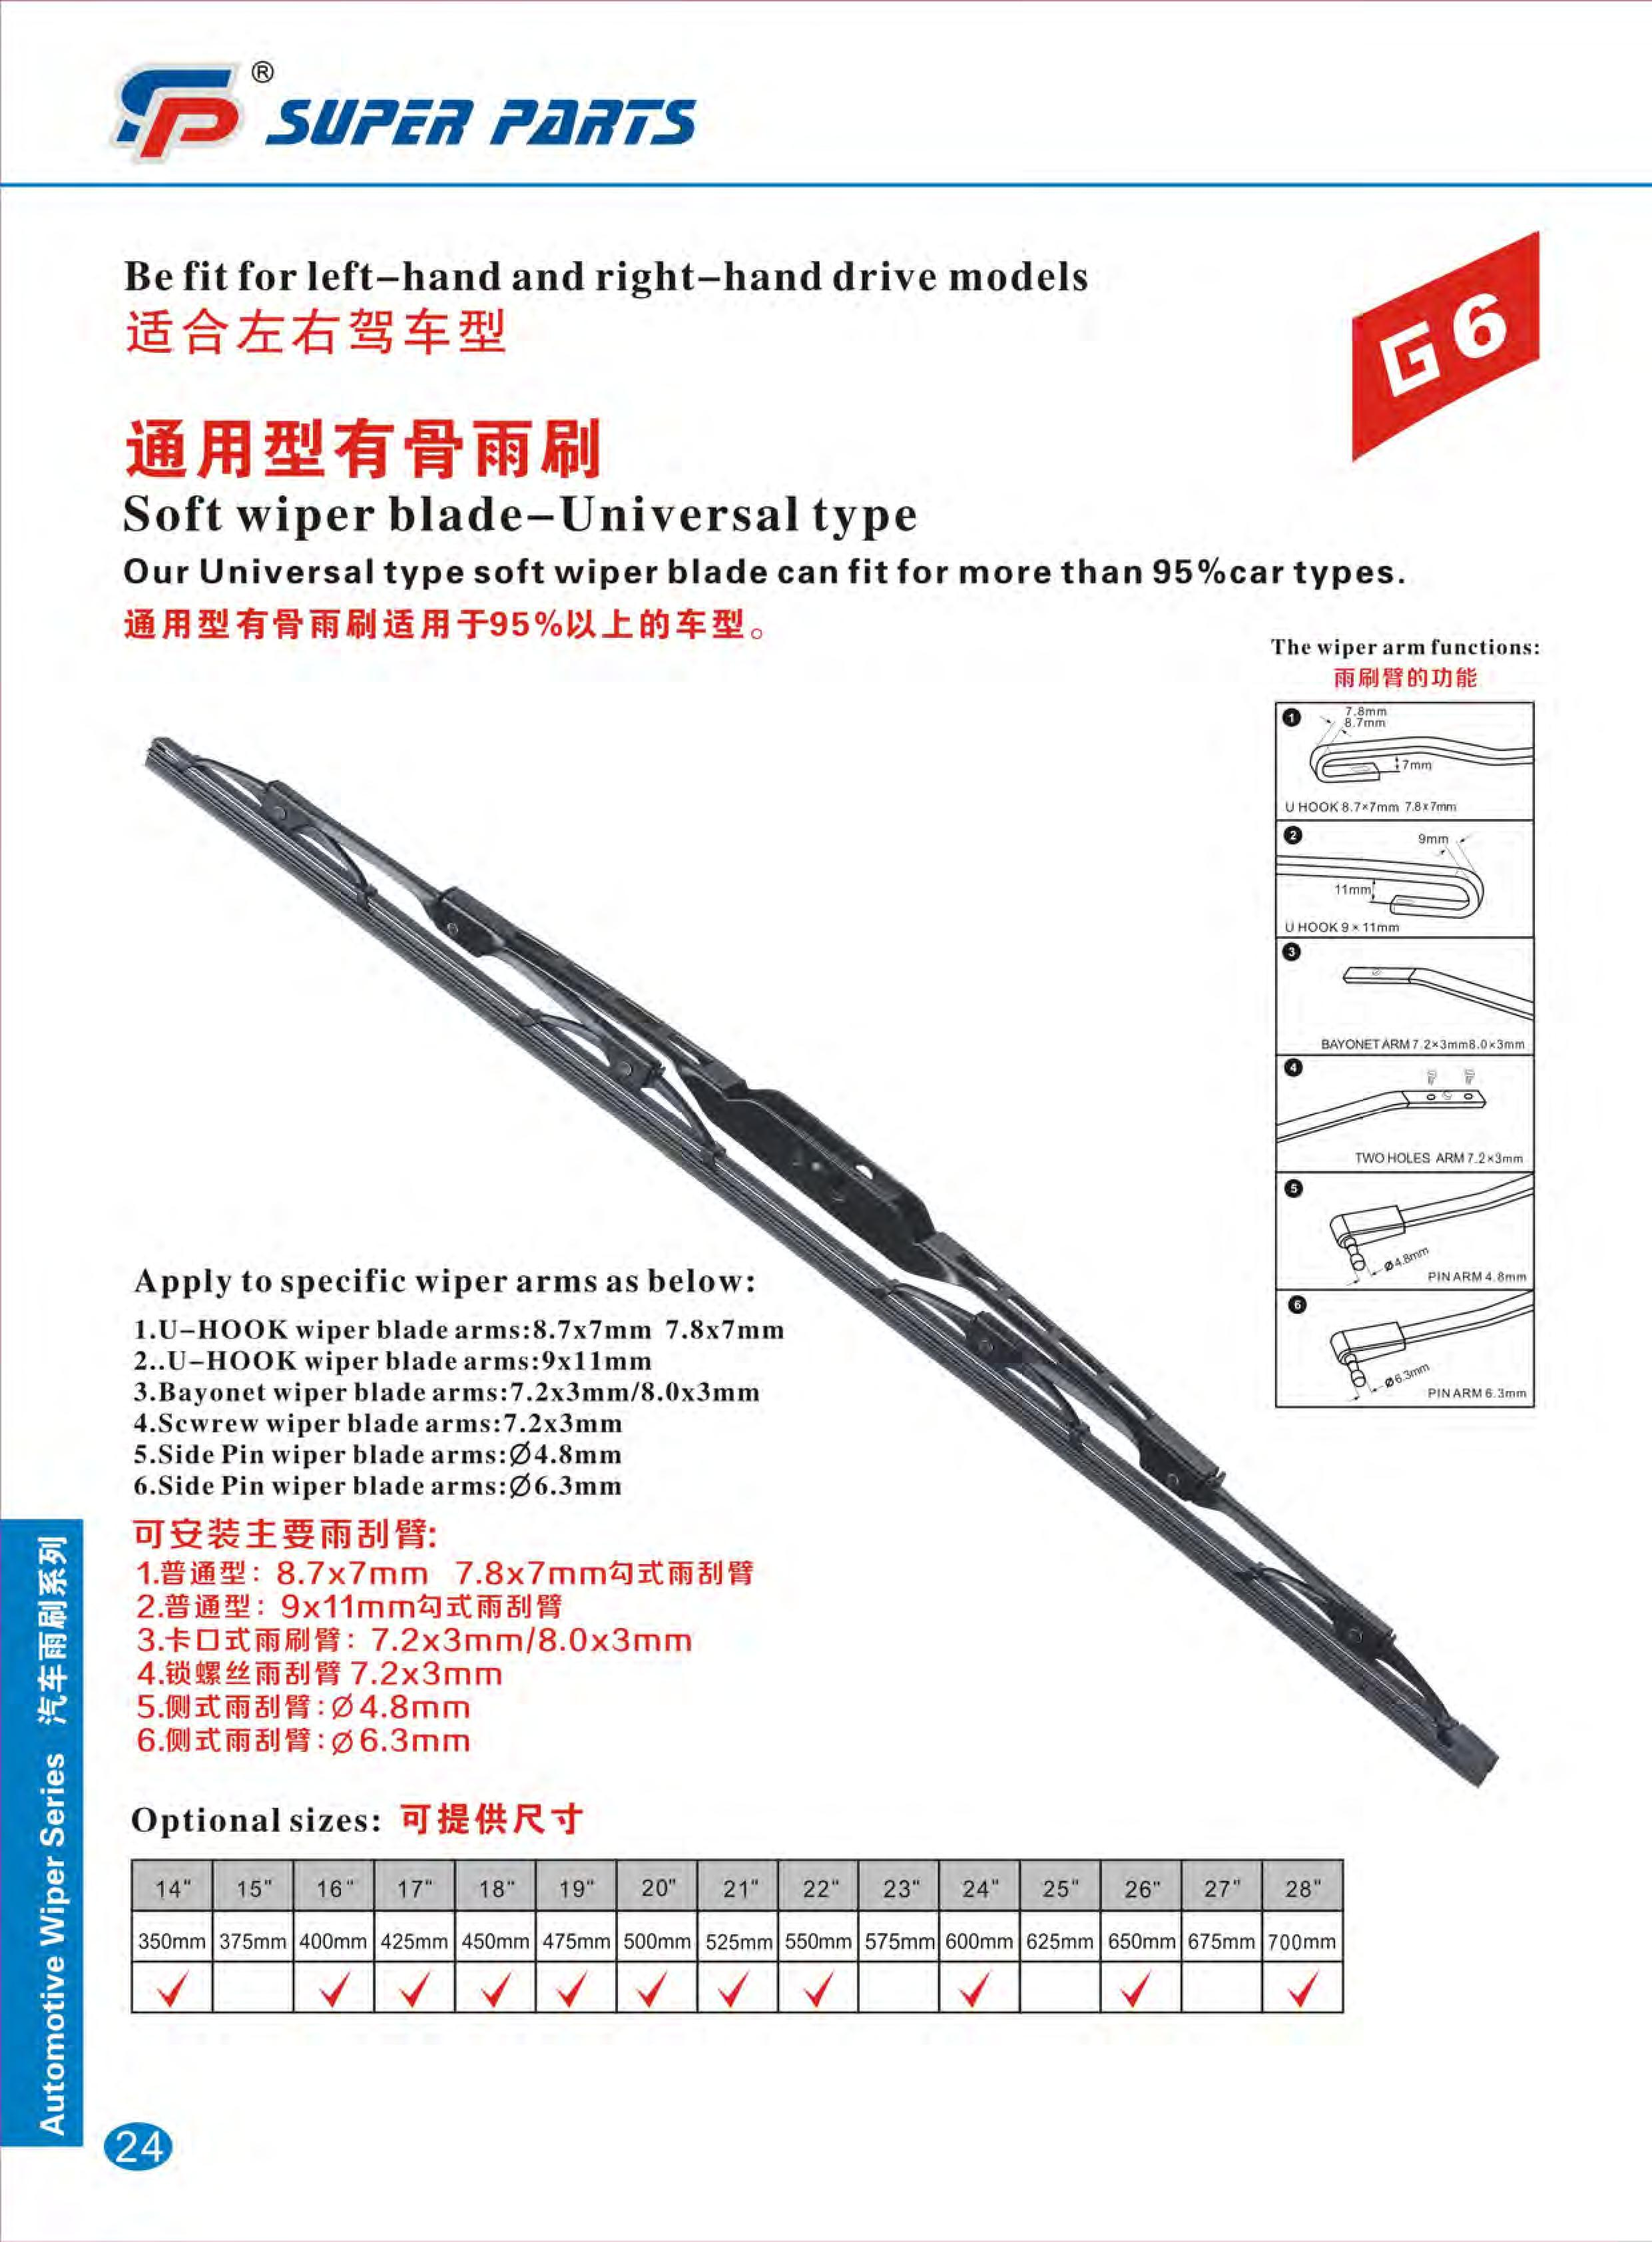 wiper blade sizes